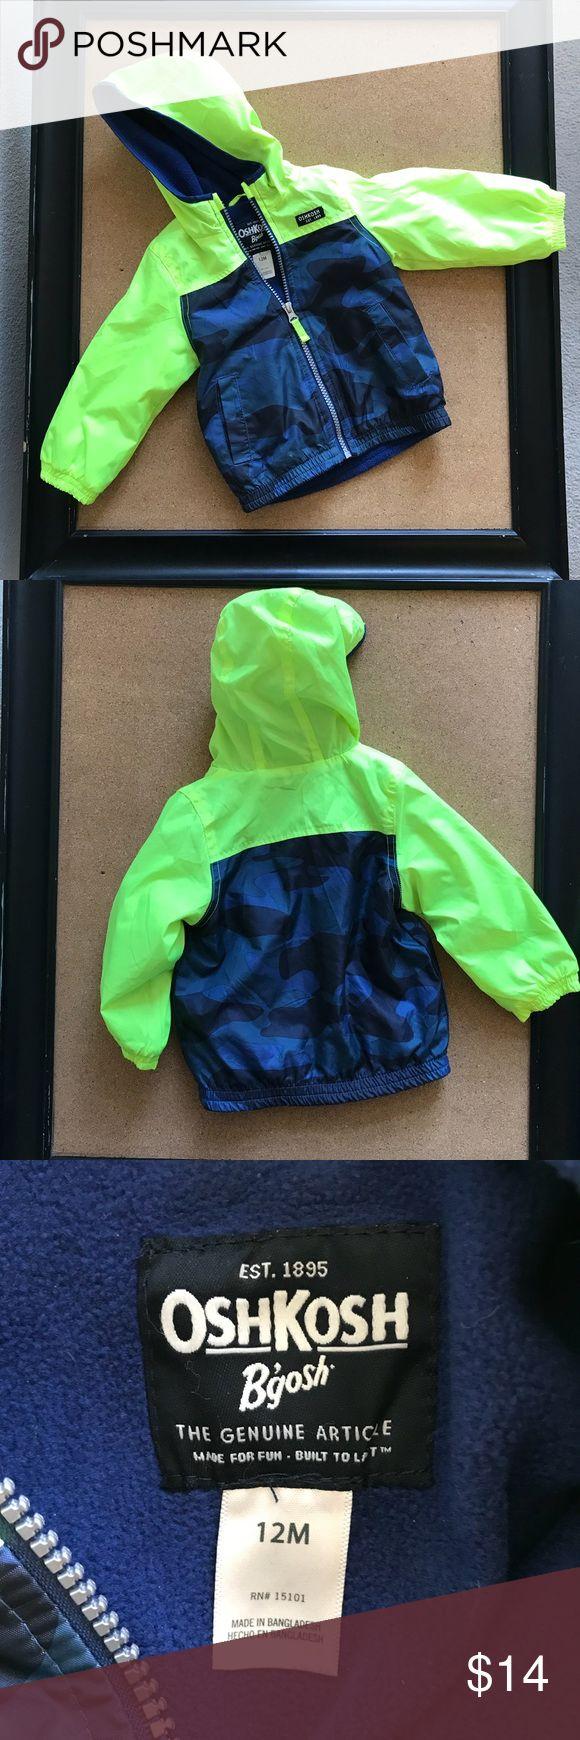 Oshkosh blue green jacket Oshkosh Bgosh blue and lime green lined water resistant jacket sz 12 M OshKosh B'gosh Jackets & Coats